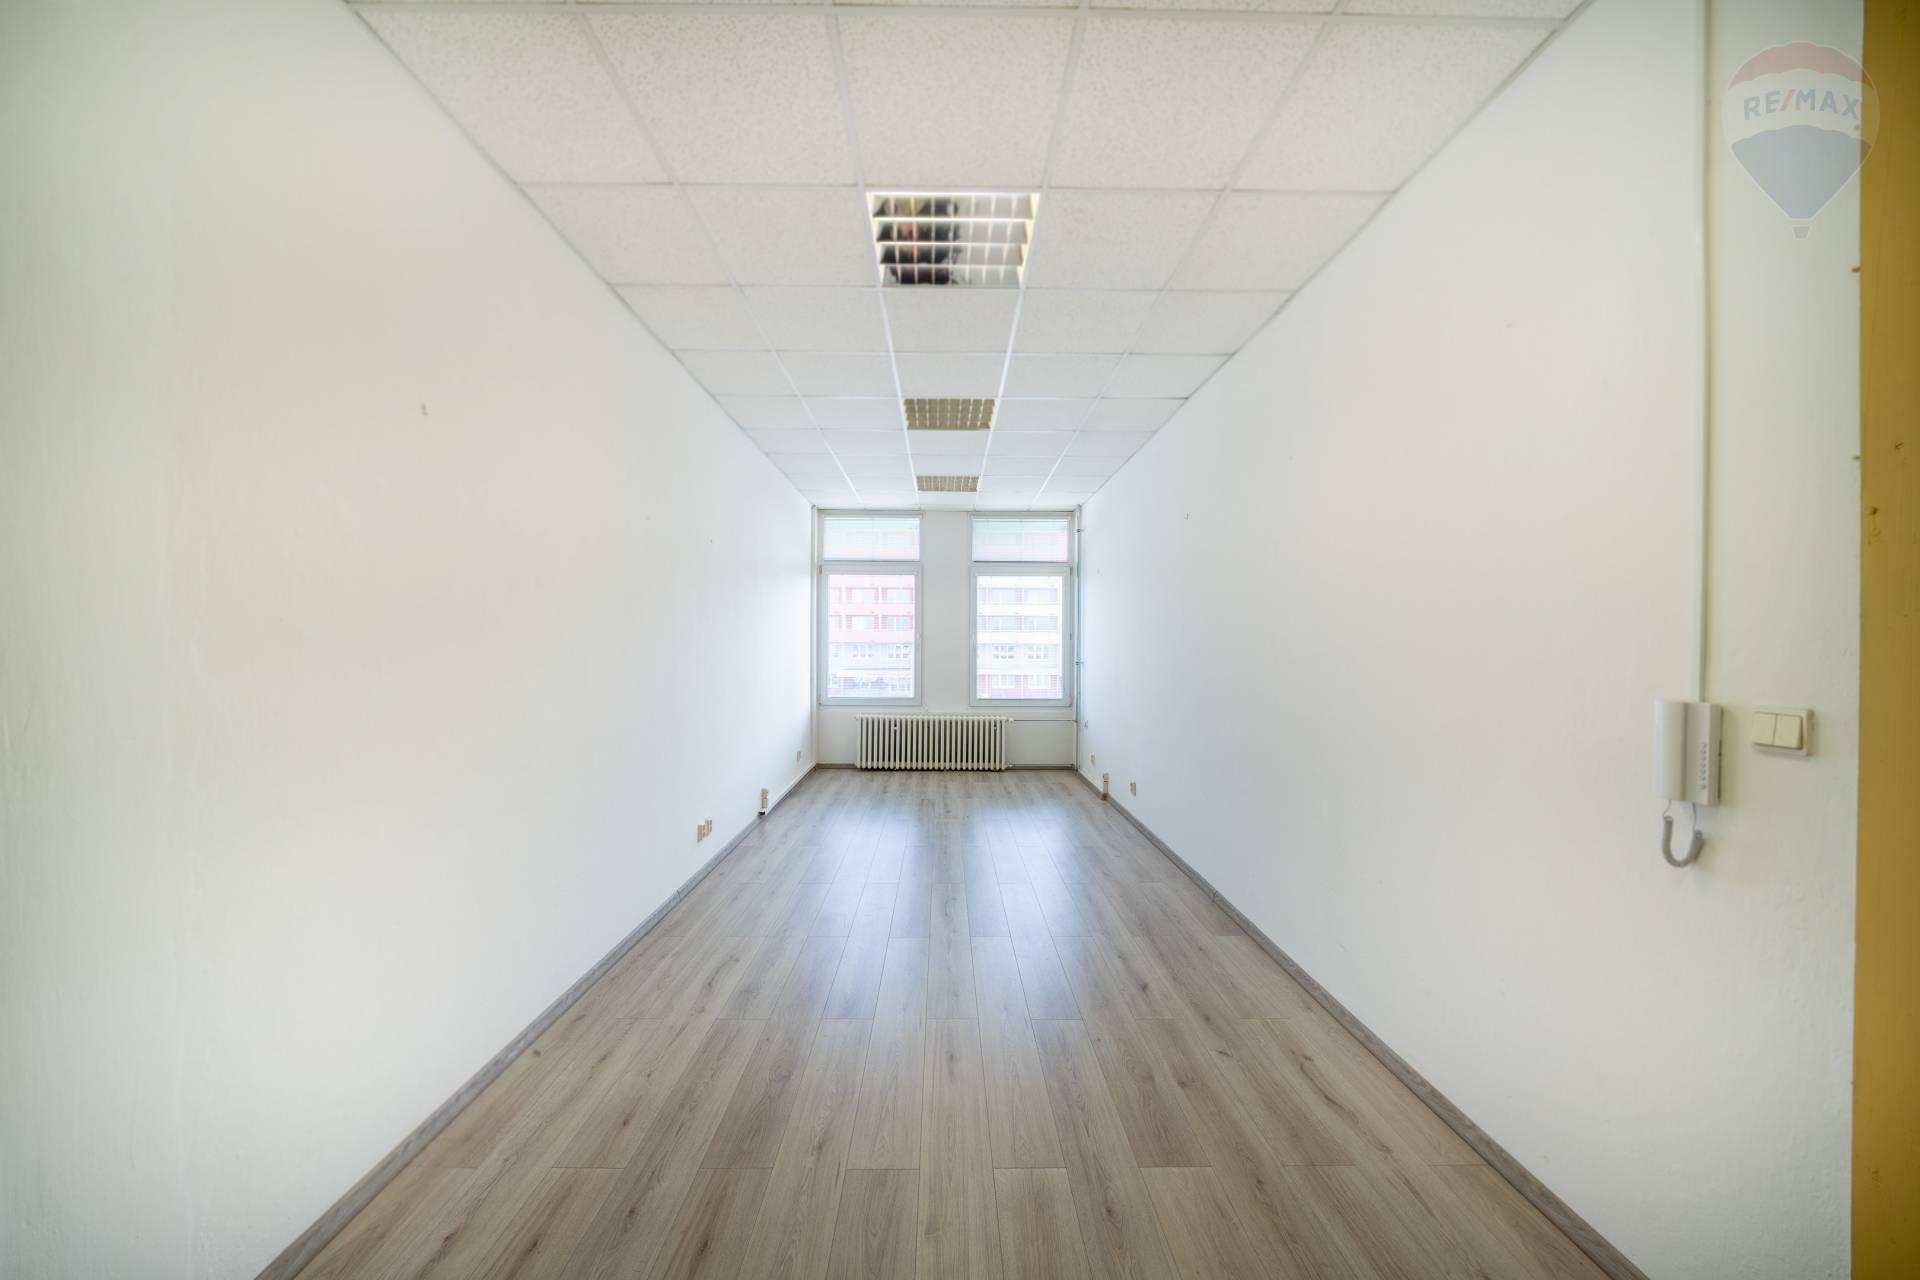 Prenájom komerčného priestoru 23 m2, Prešov - Kancelárske priestory na prenájom, Prešov